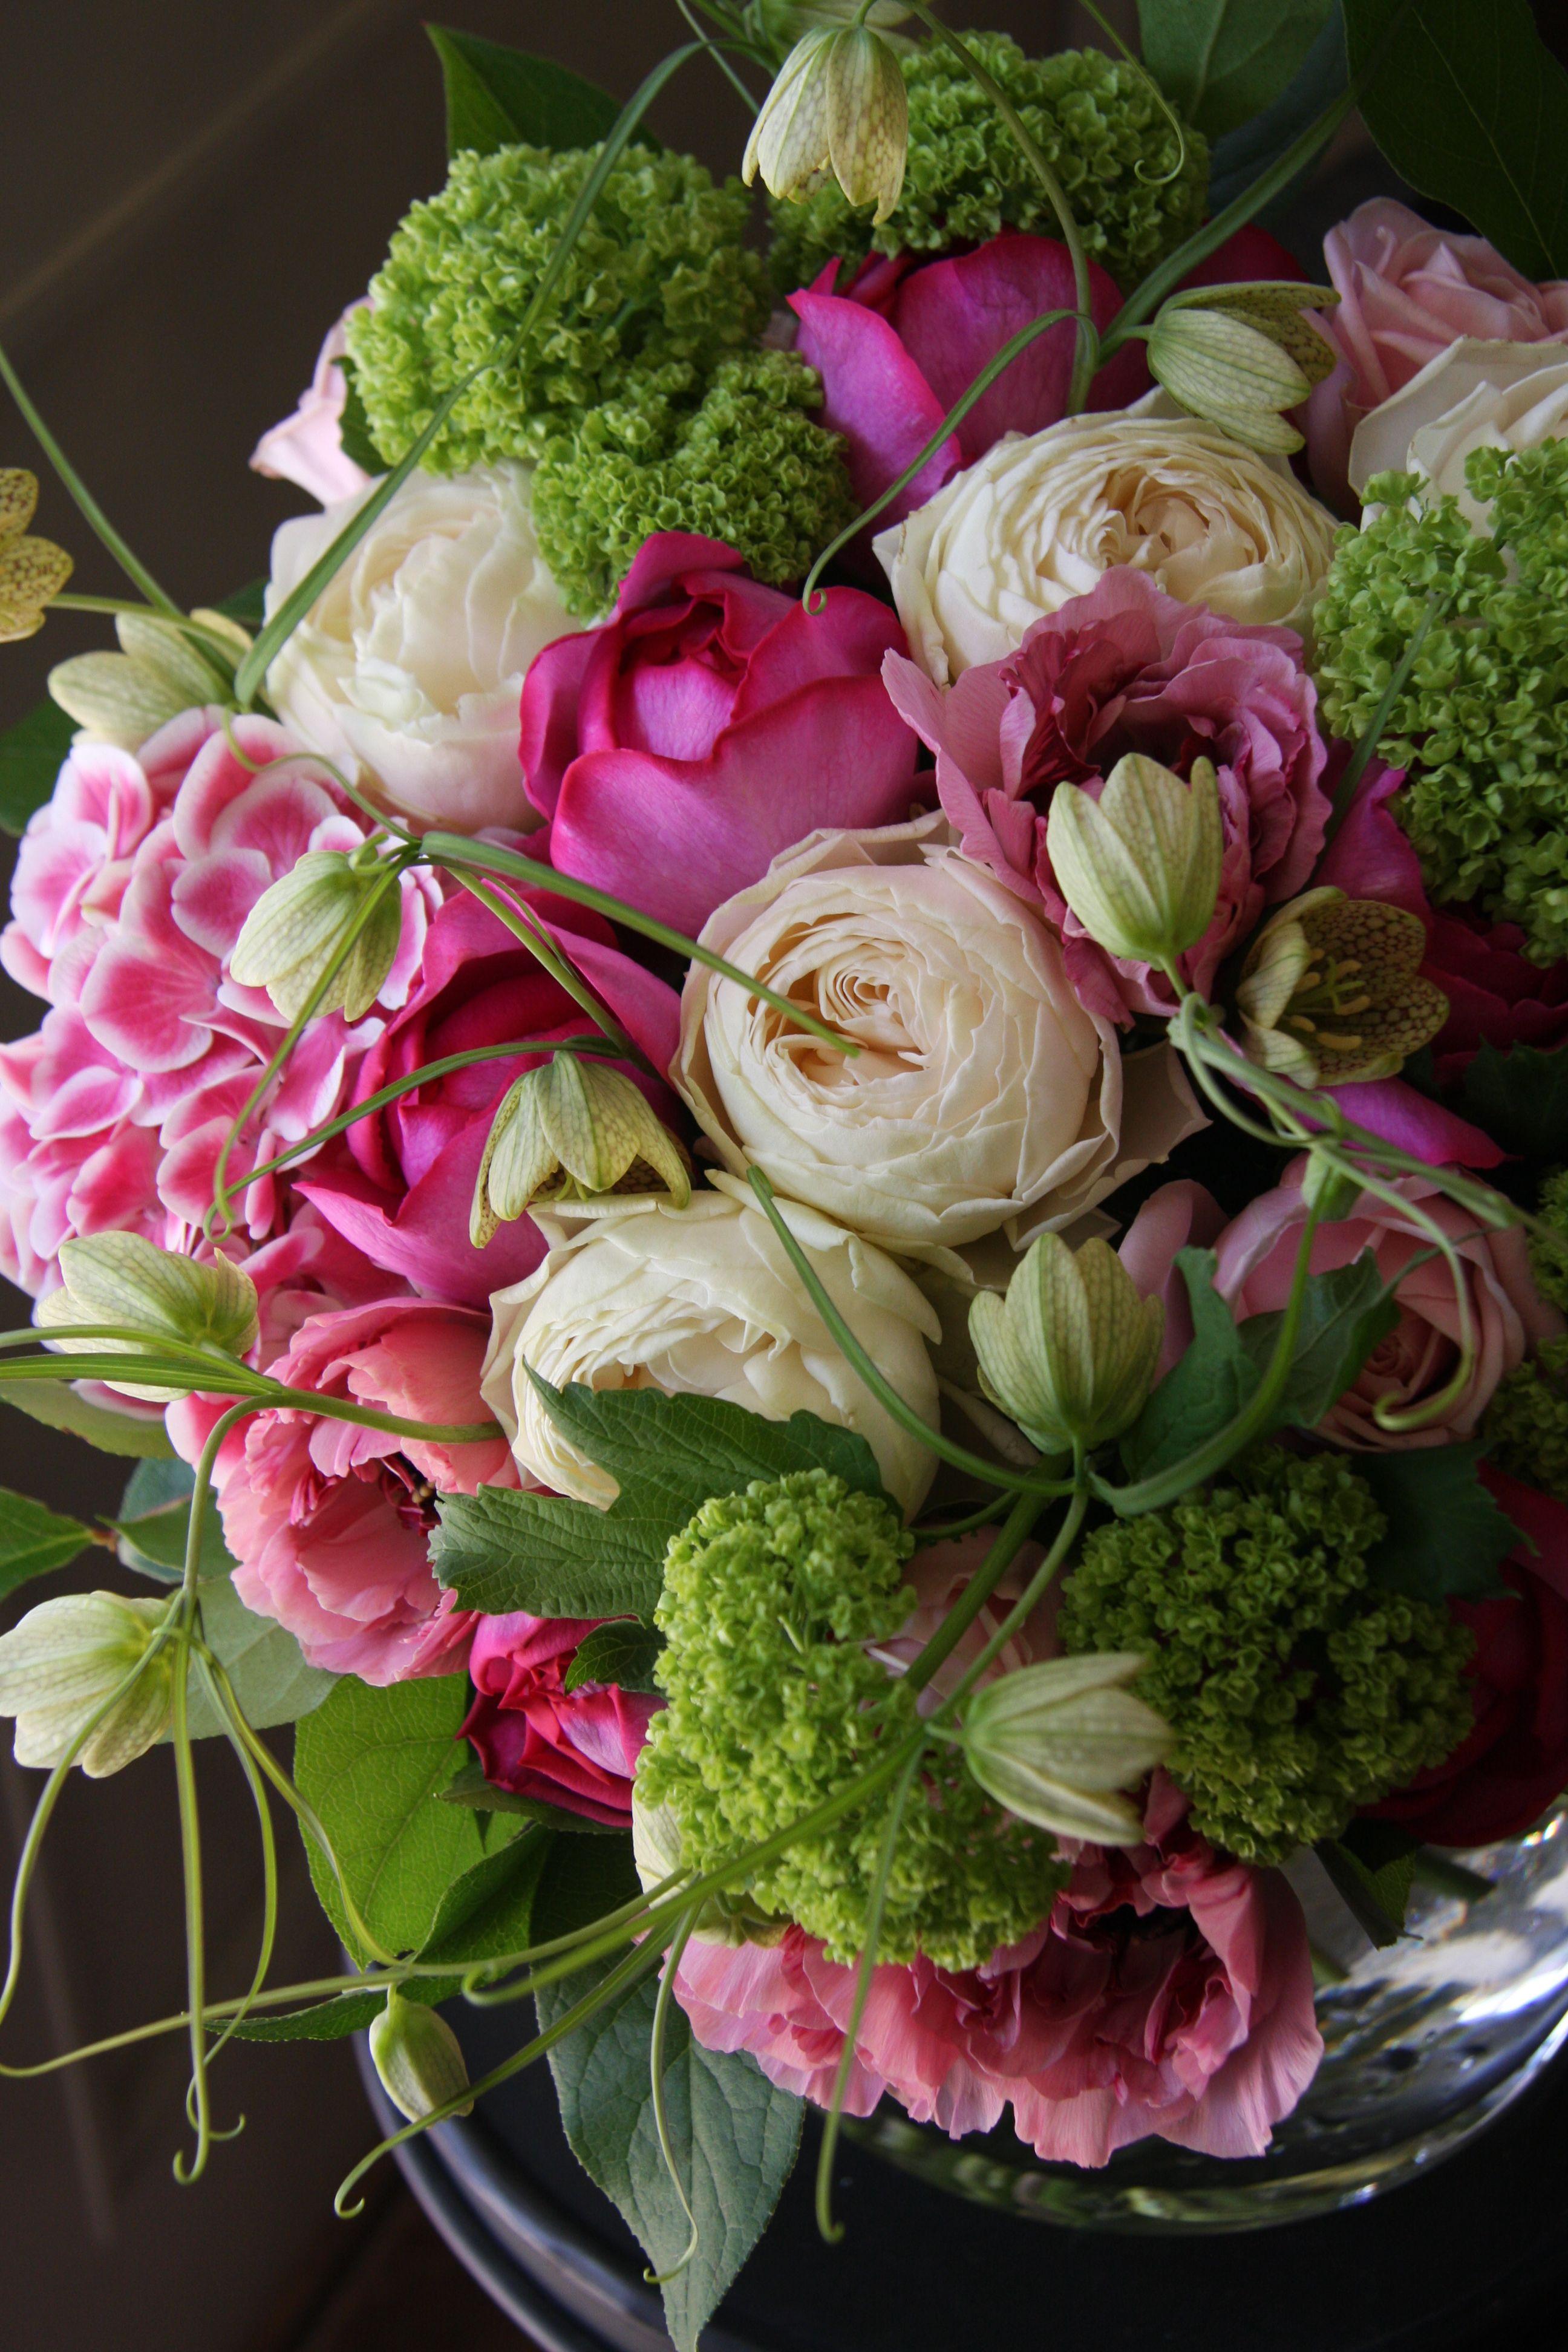 Mazzo Di Fiori Verdi.Rose Ranunculus Hydrangea Fritillaria And Viburnum Fiori